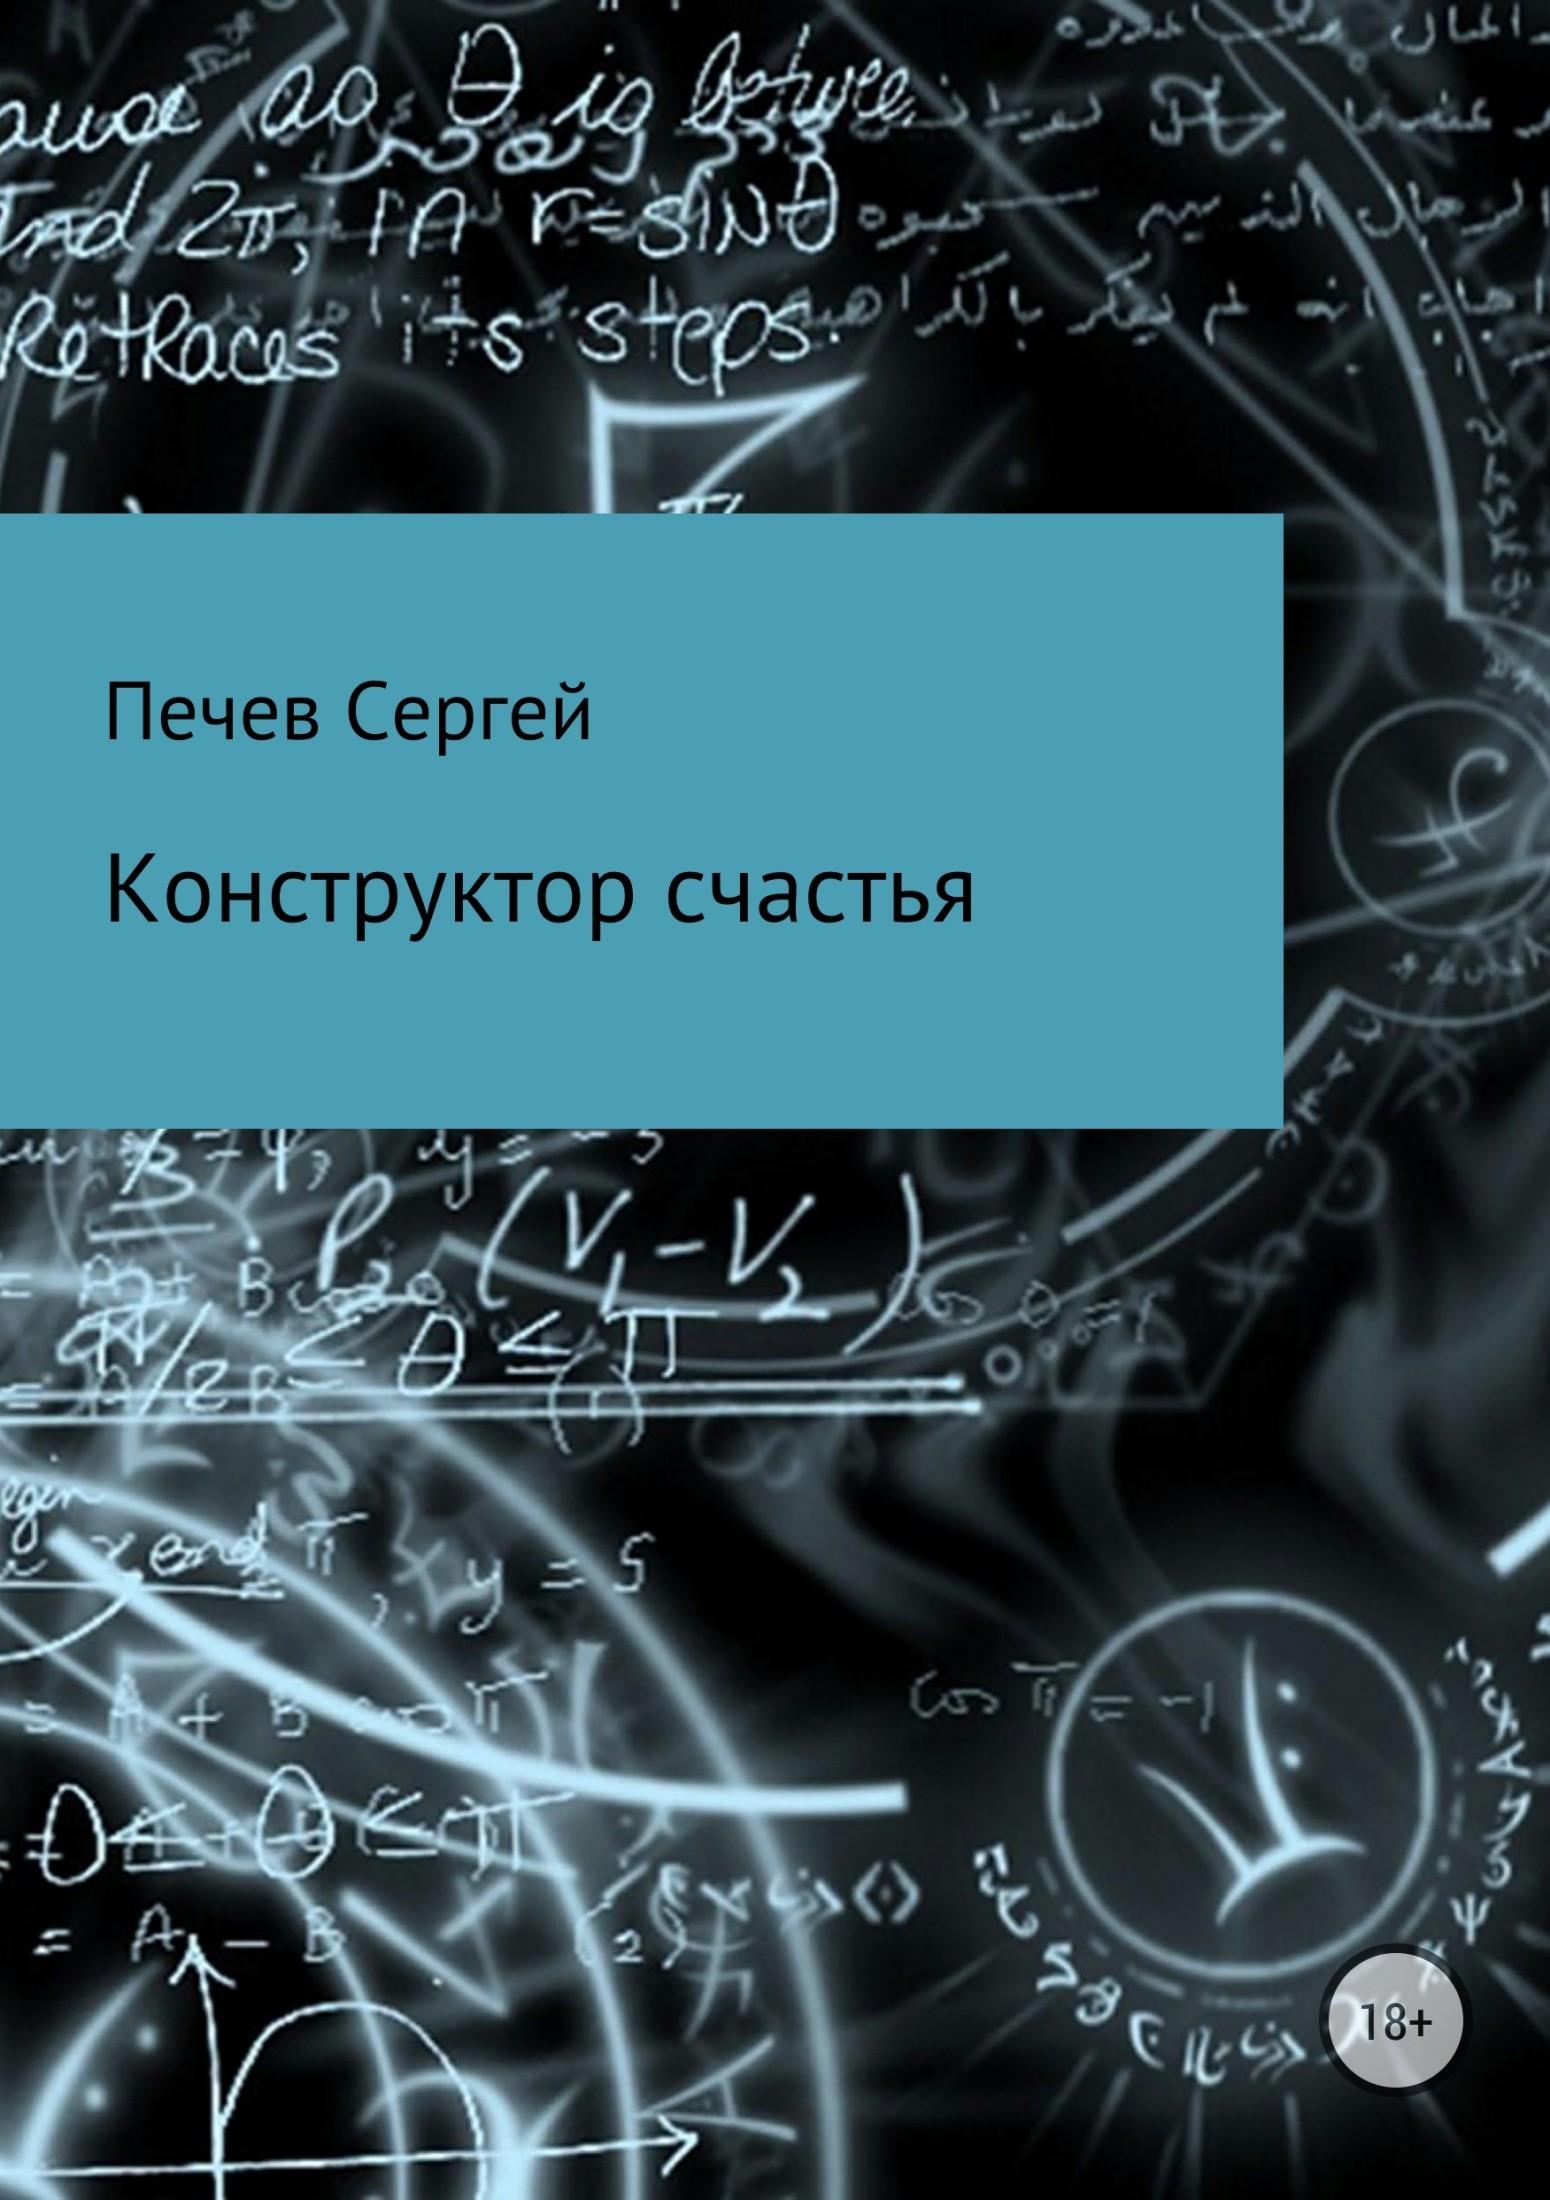 Сергей Печев - Конструктор счастья